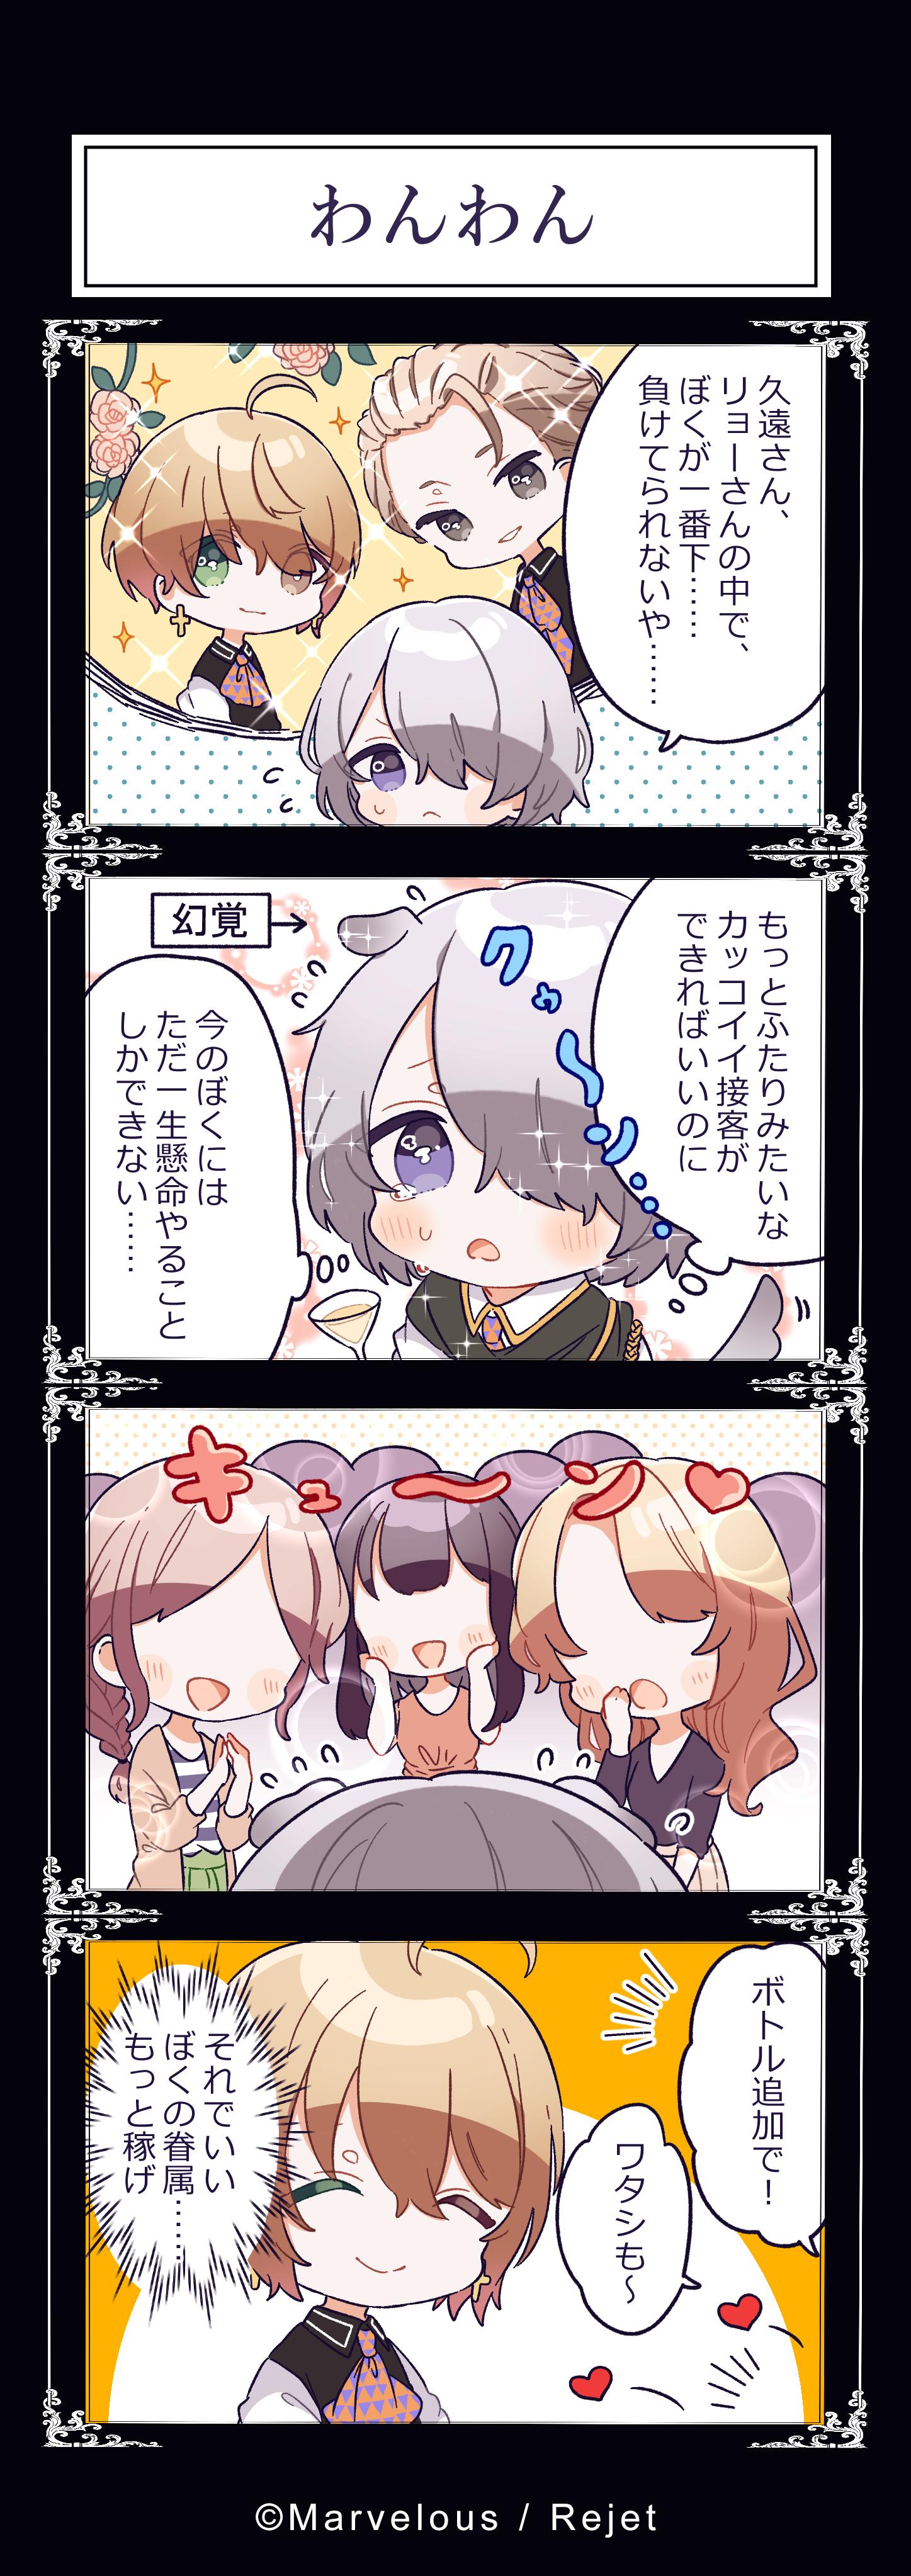 【2月】mawoko_FN4コマ1 (3).png